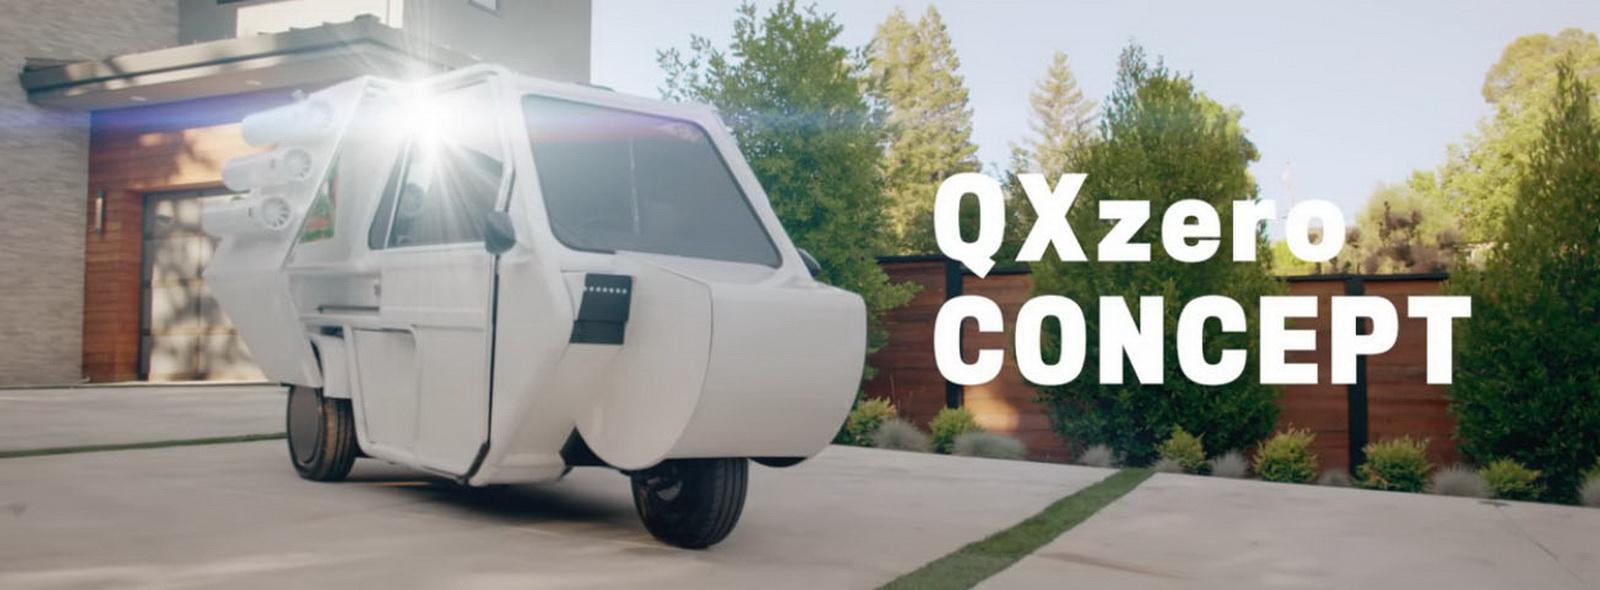 圖/本段影片以「The Future of Luxury」為主題,要介紹的是QXzero CONCEPT。